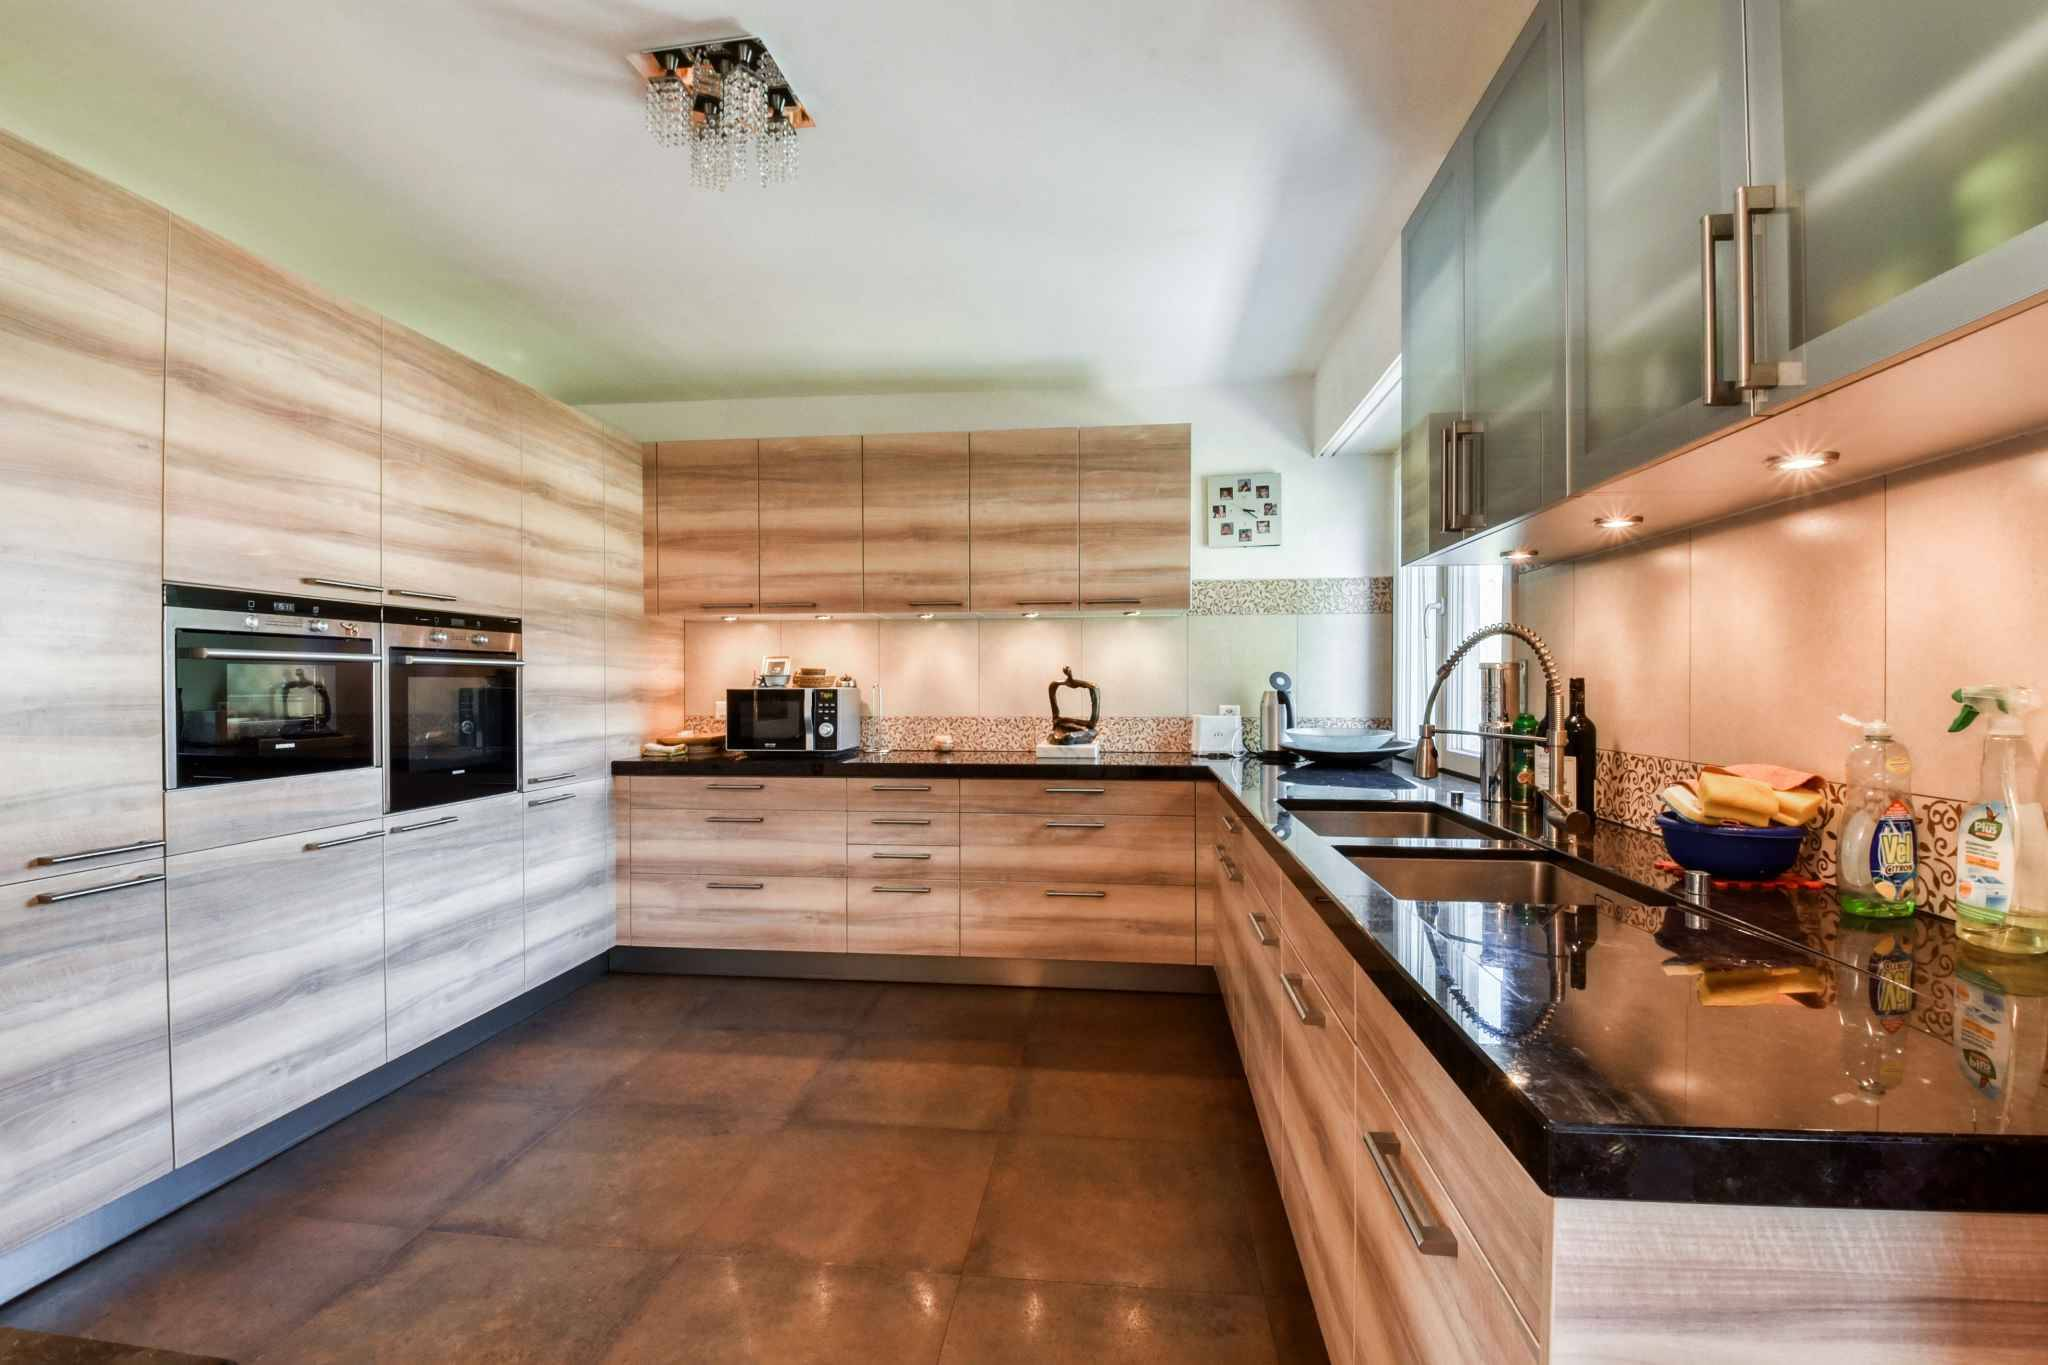 Propriété d'env. 360 m2 avec surface commerciale au rez-de-chaussée d'env. 450 m2